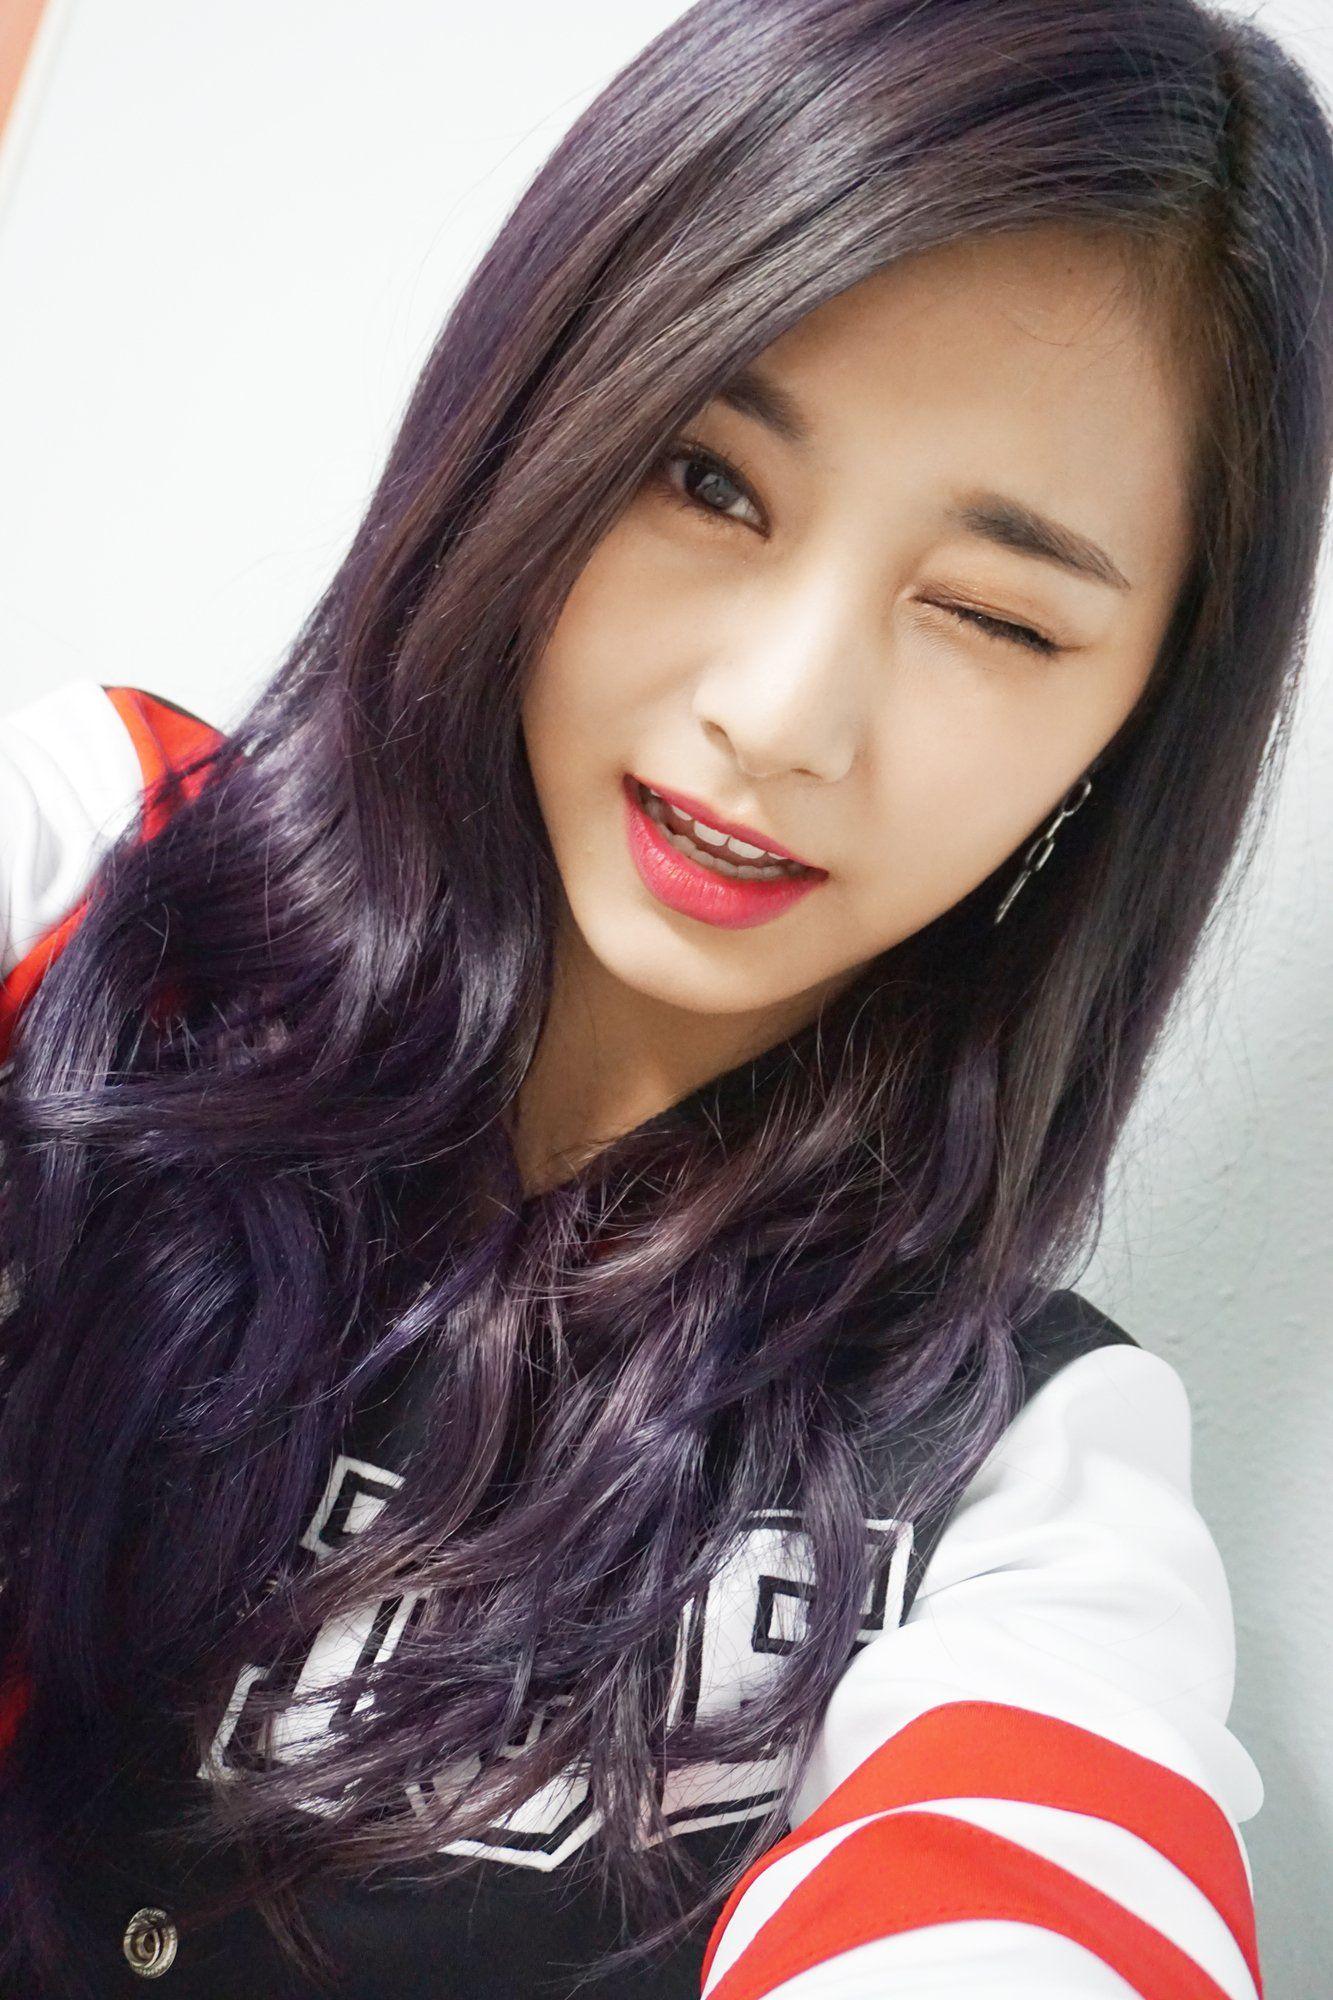 Tzuyu Kpics Kpop Sweetgirls Lovethem Love Unsensored Girls Sweet Sexygirls Selfie Women Asian Beauty Beauty Korean Beauty